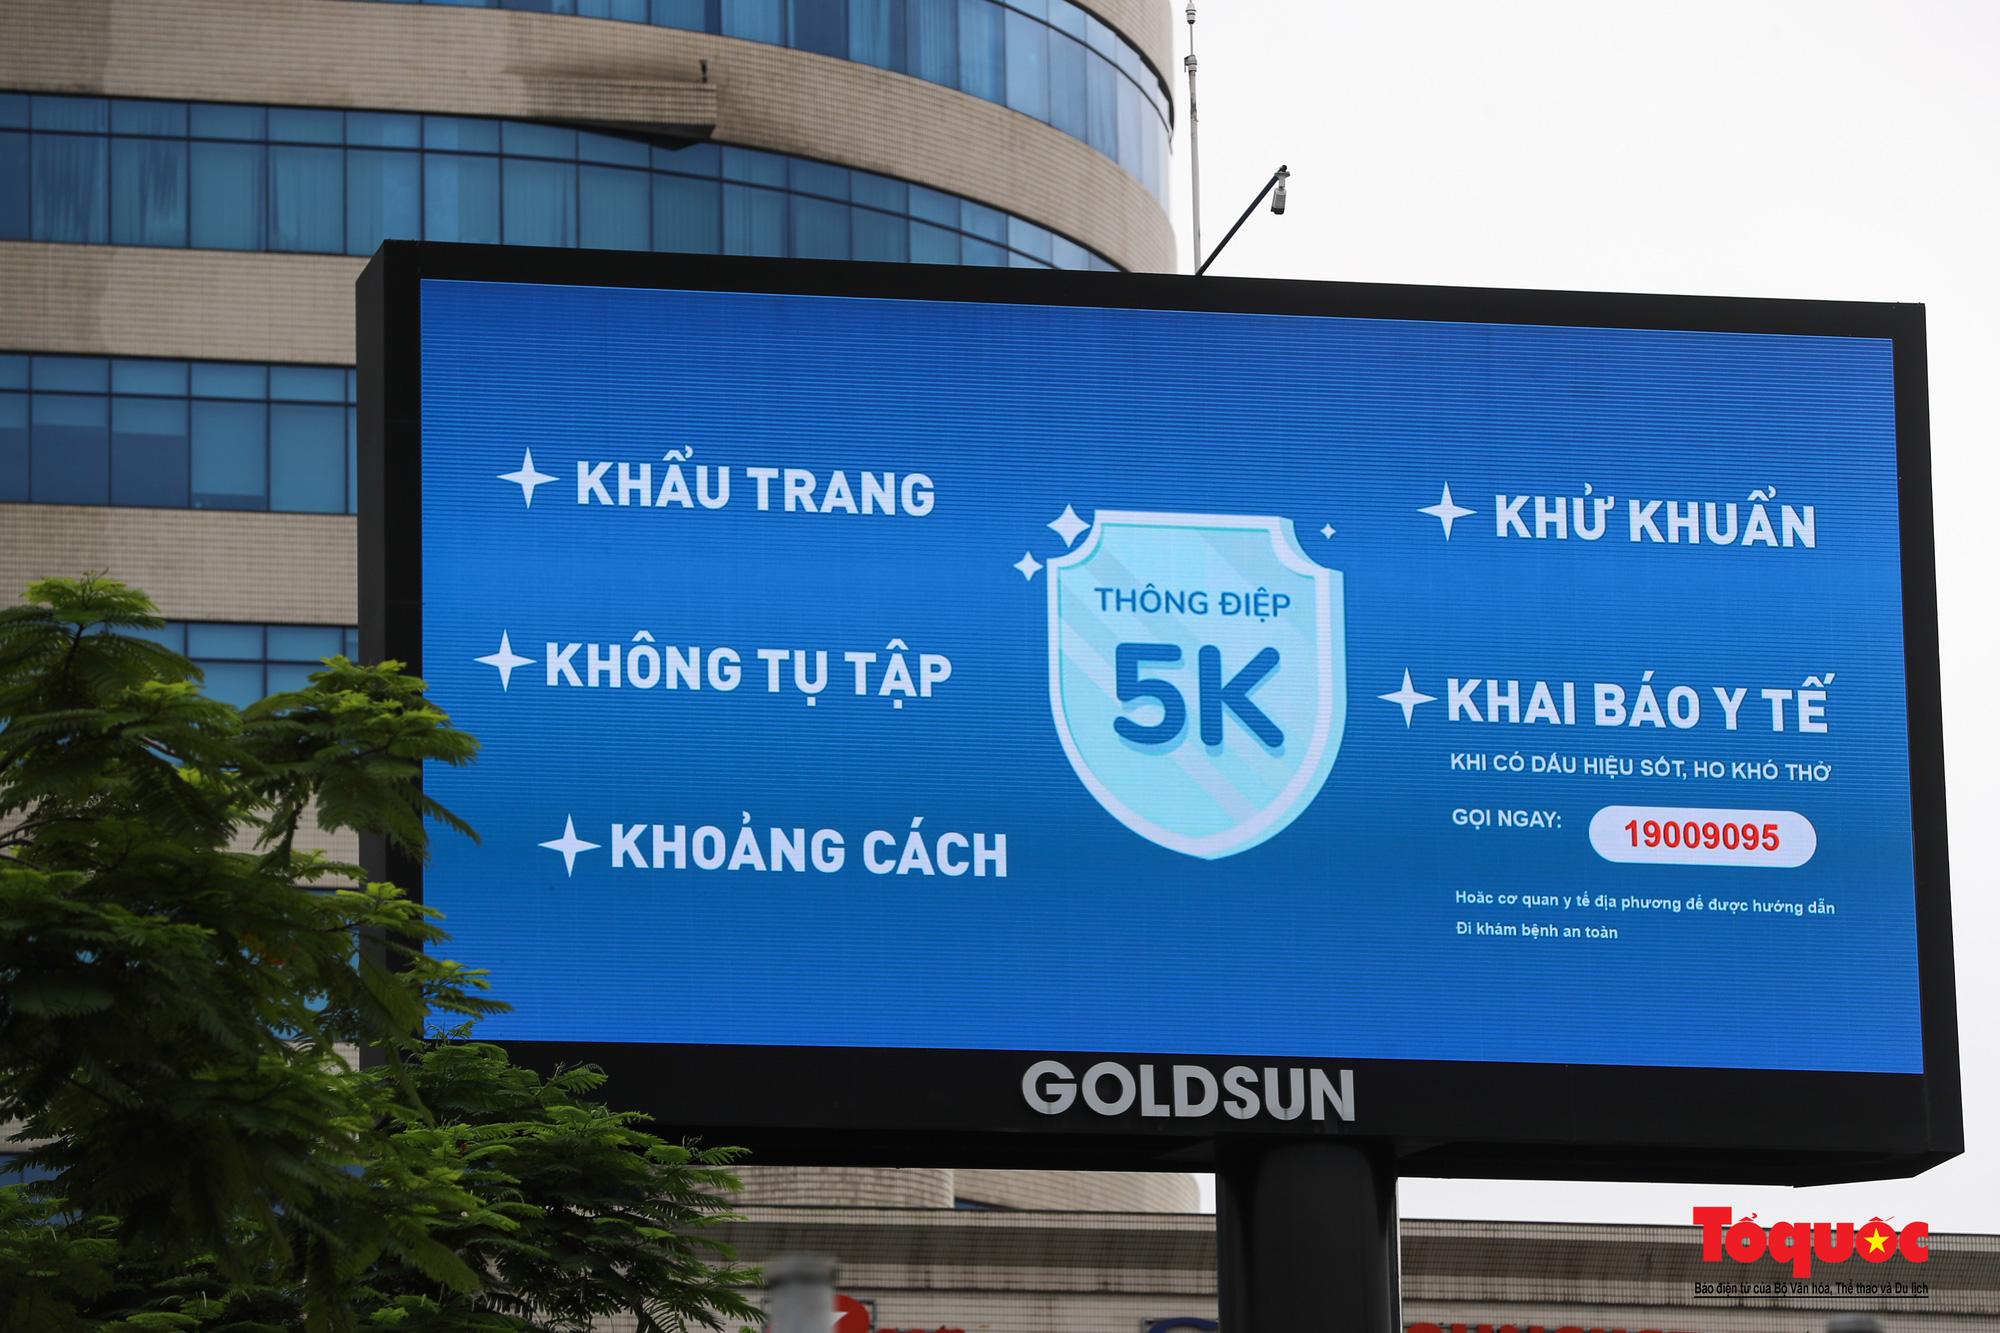 Pano, hình ảnh cổ động phòng chống dịch COVID-19 trên khắp đường phố Hà Nội - Ảnh 5.